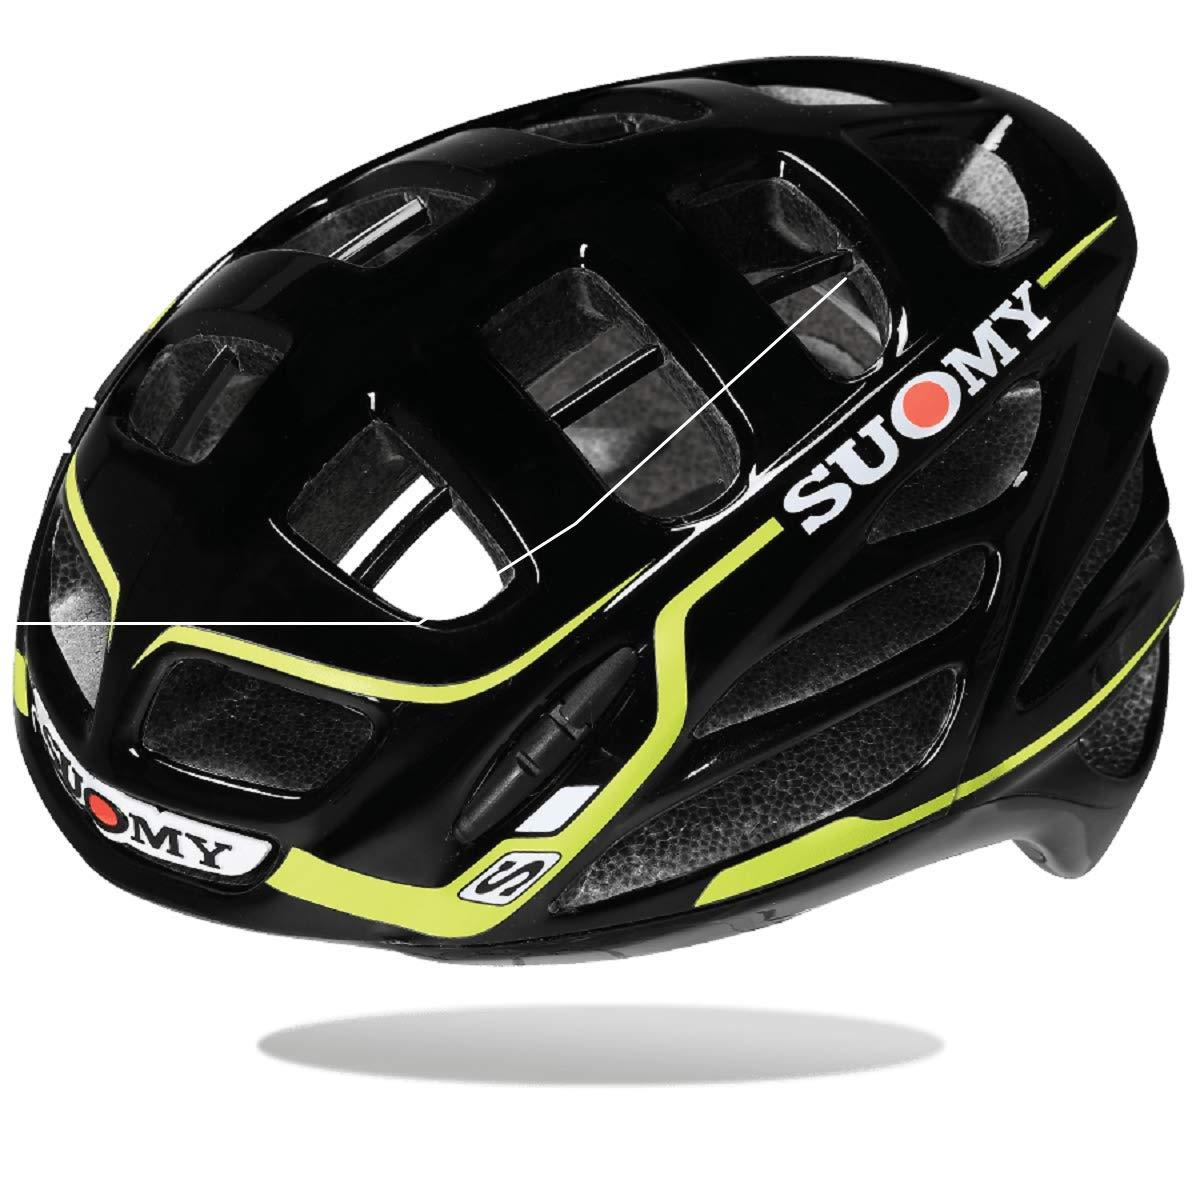 Multicolor S SUOMY SR Sport Casco para Moto Integral Stars Orange